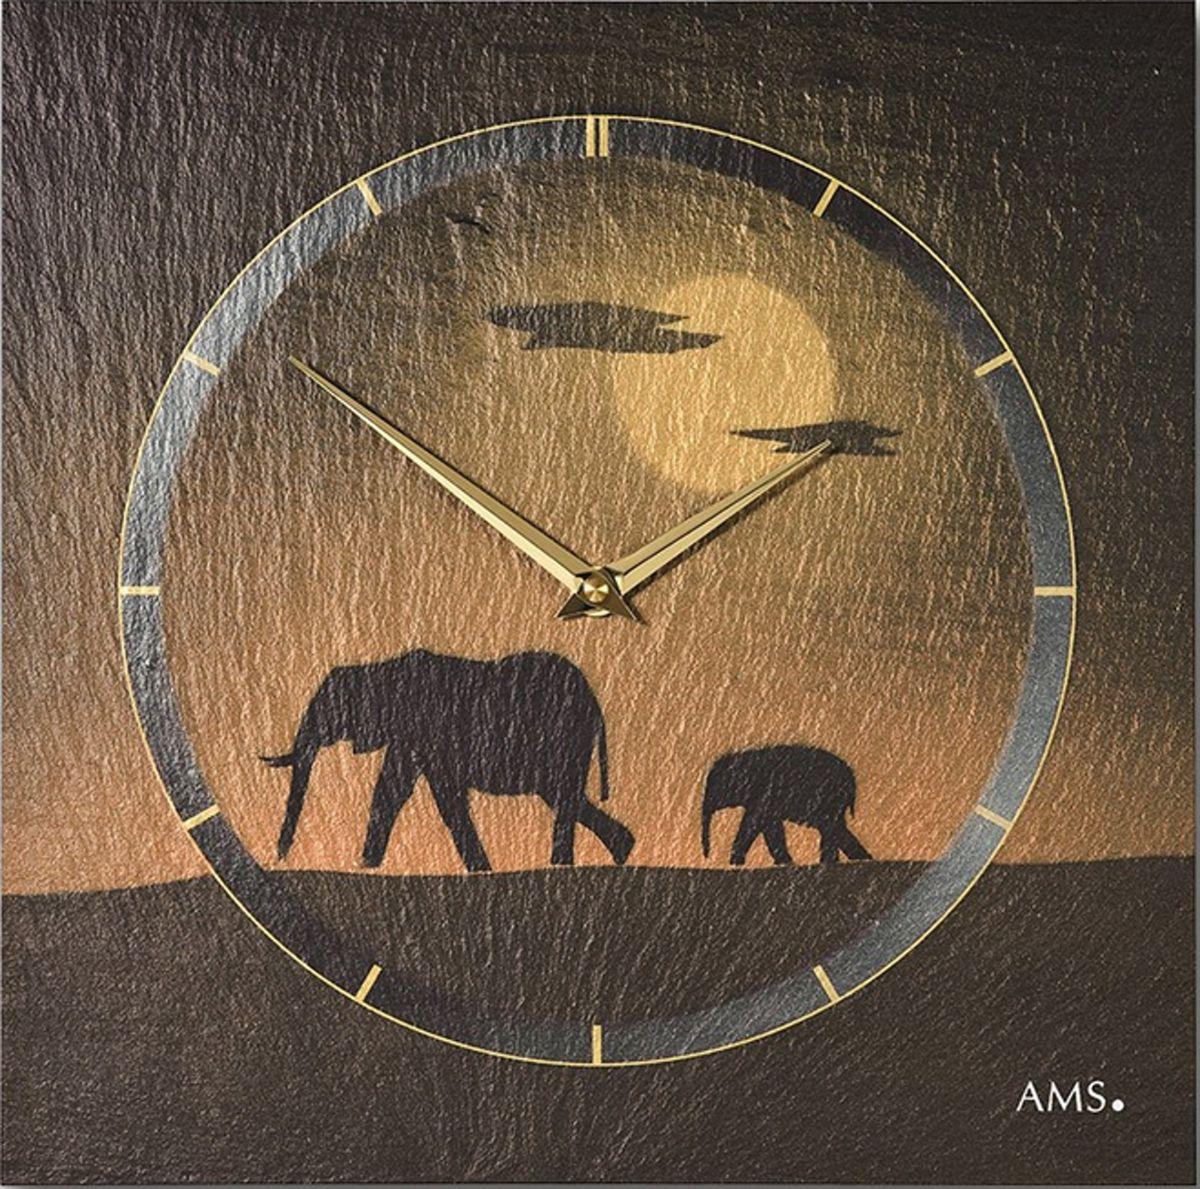 Nástěnné hodiny AMS 9523 rádiem řízené